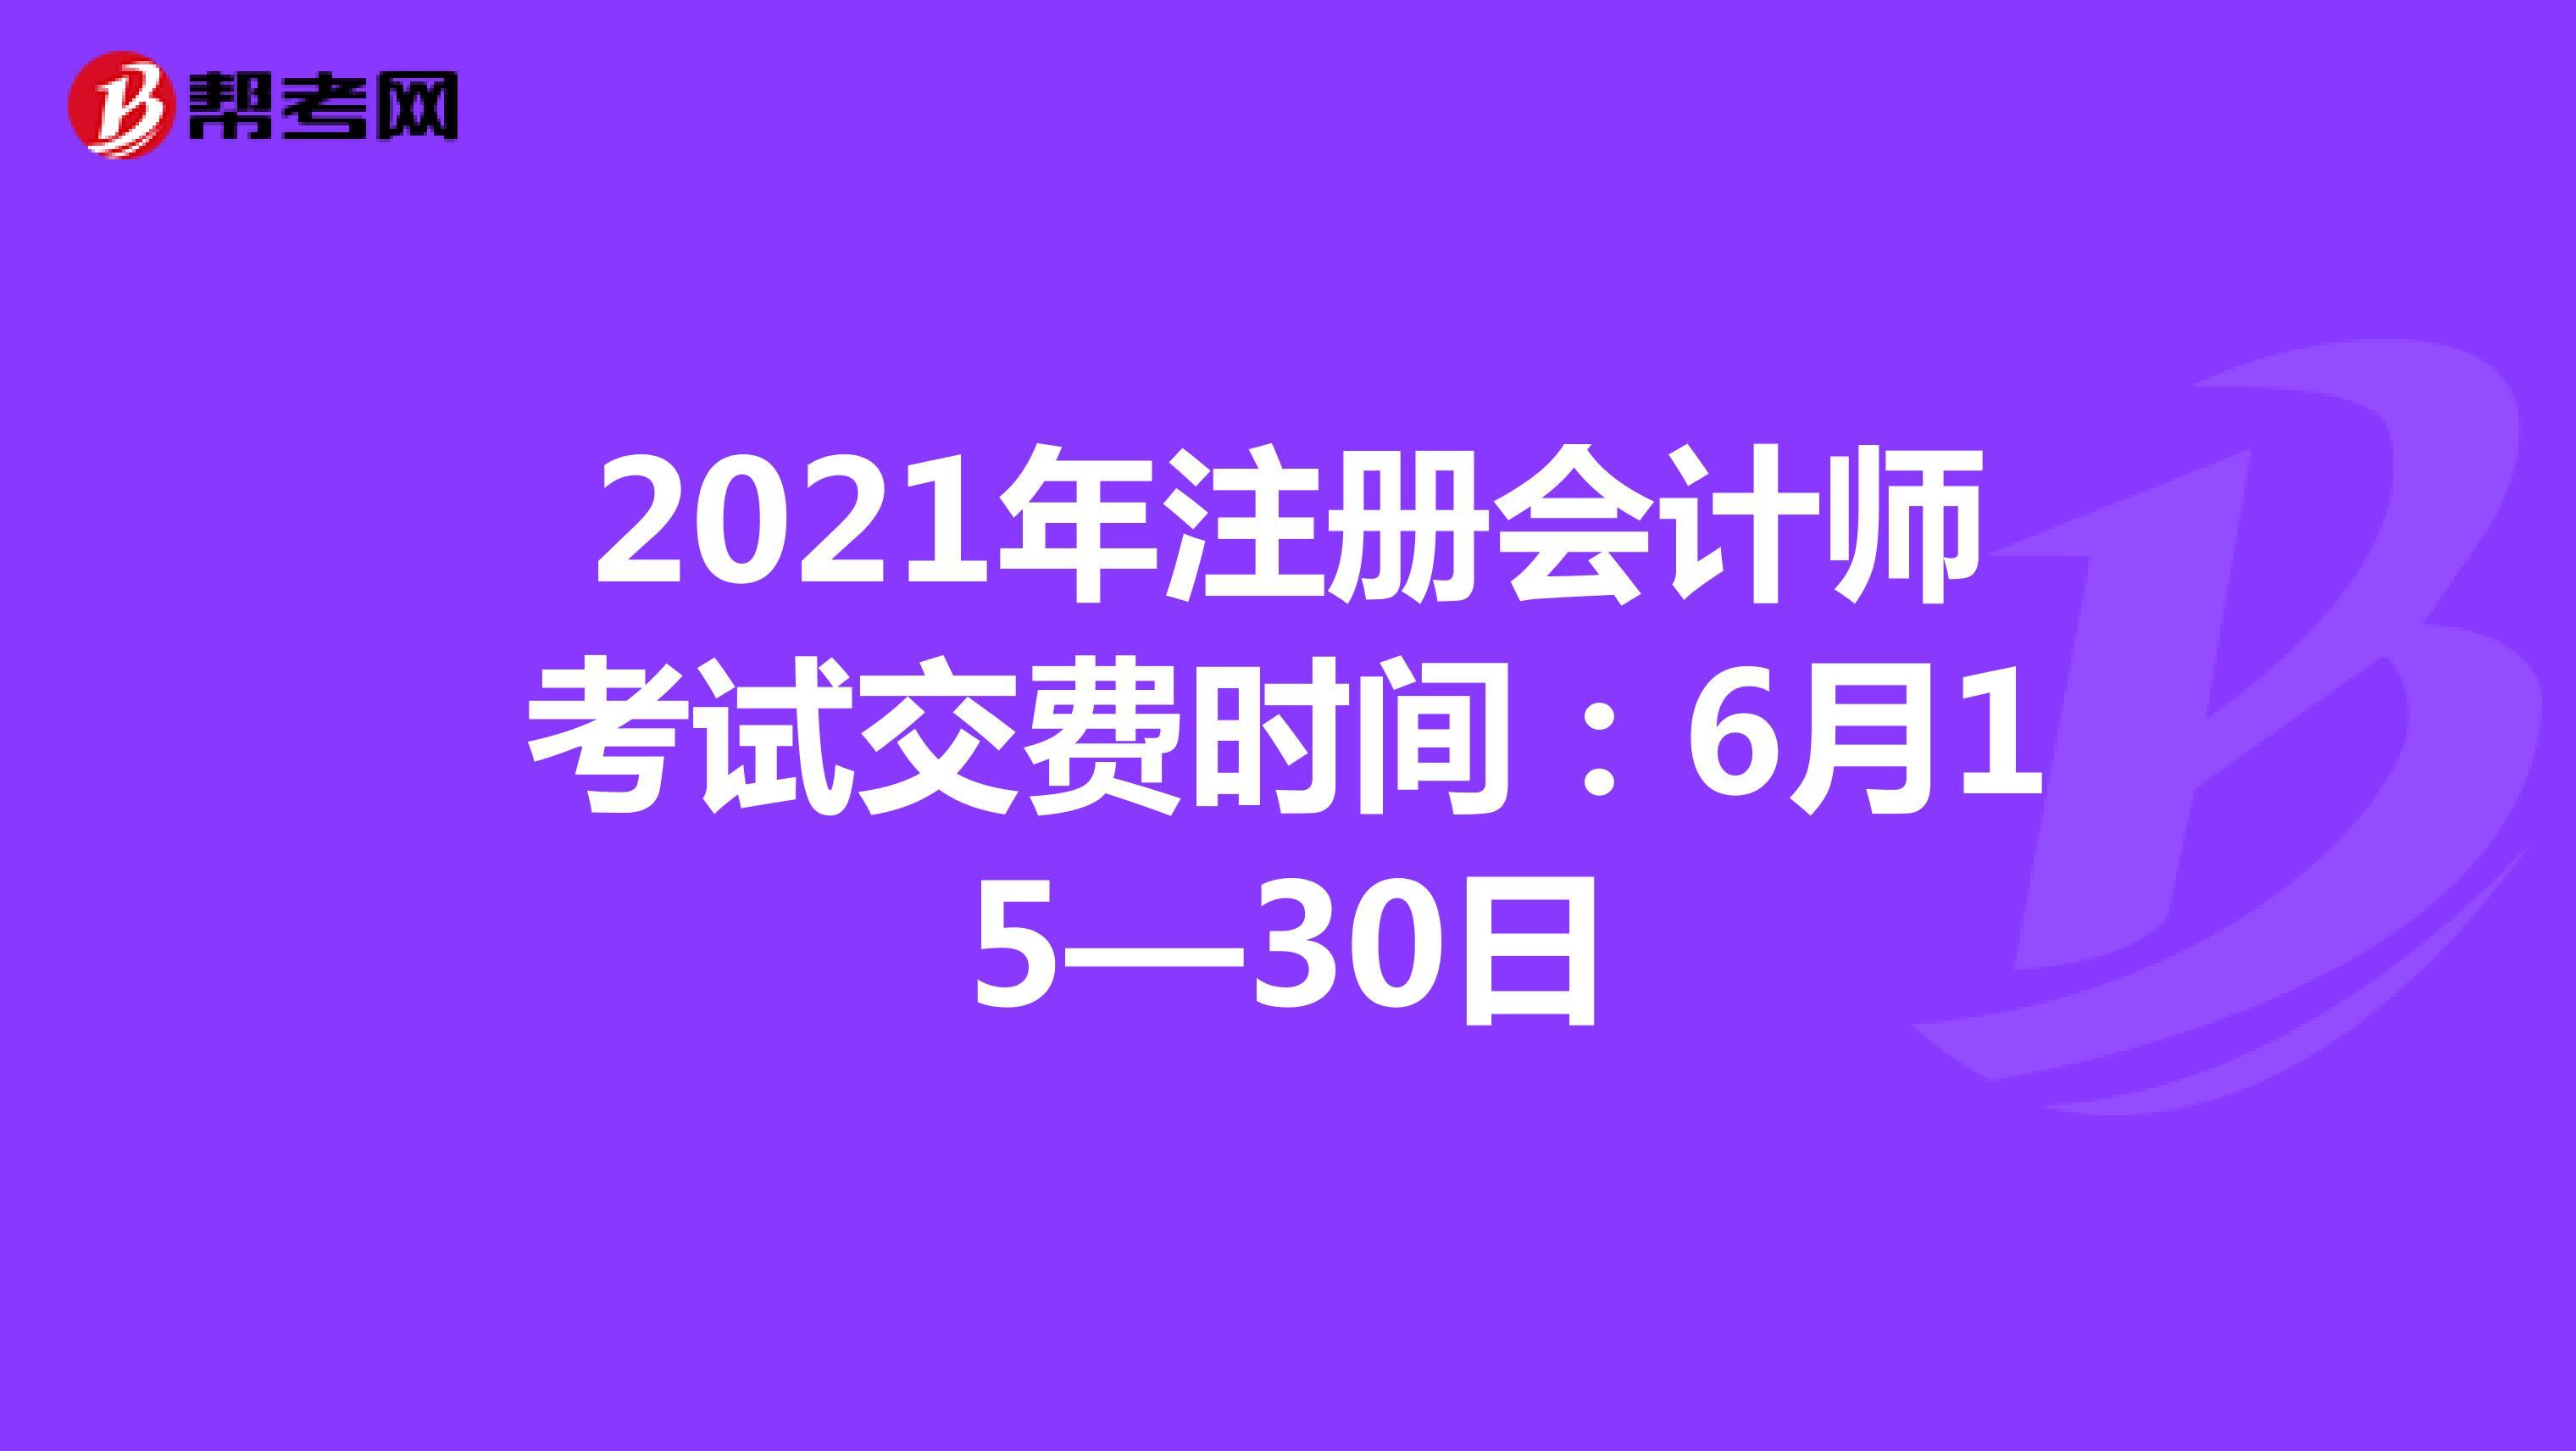 2021年注冊會計師考試交費時間:6月15—30日